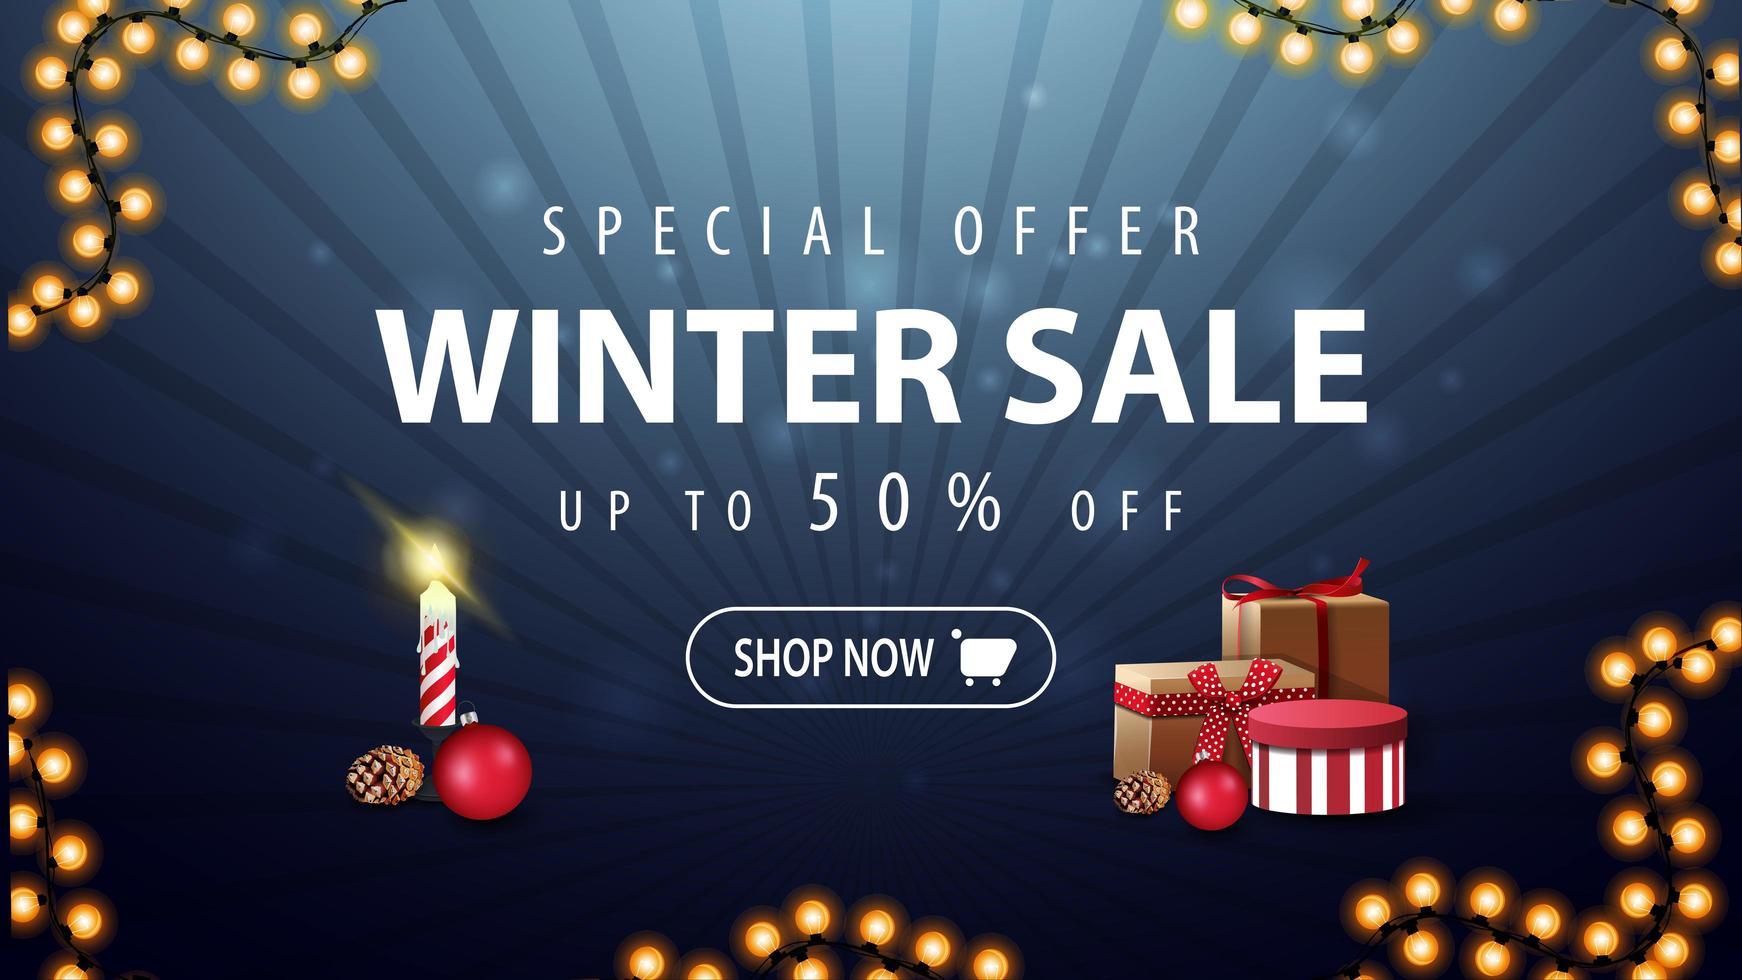 Winterschlussverkauf, dunkles und blaues Rabattbanner vektor